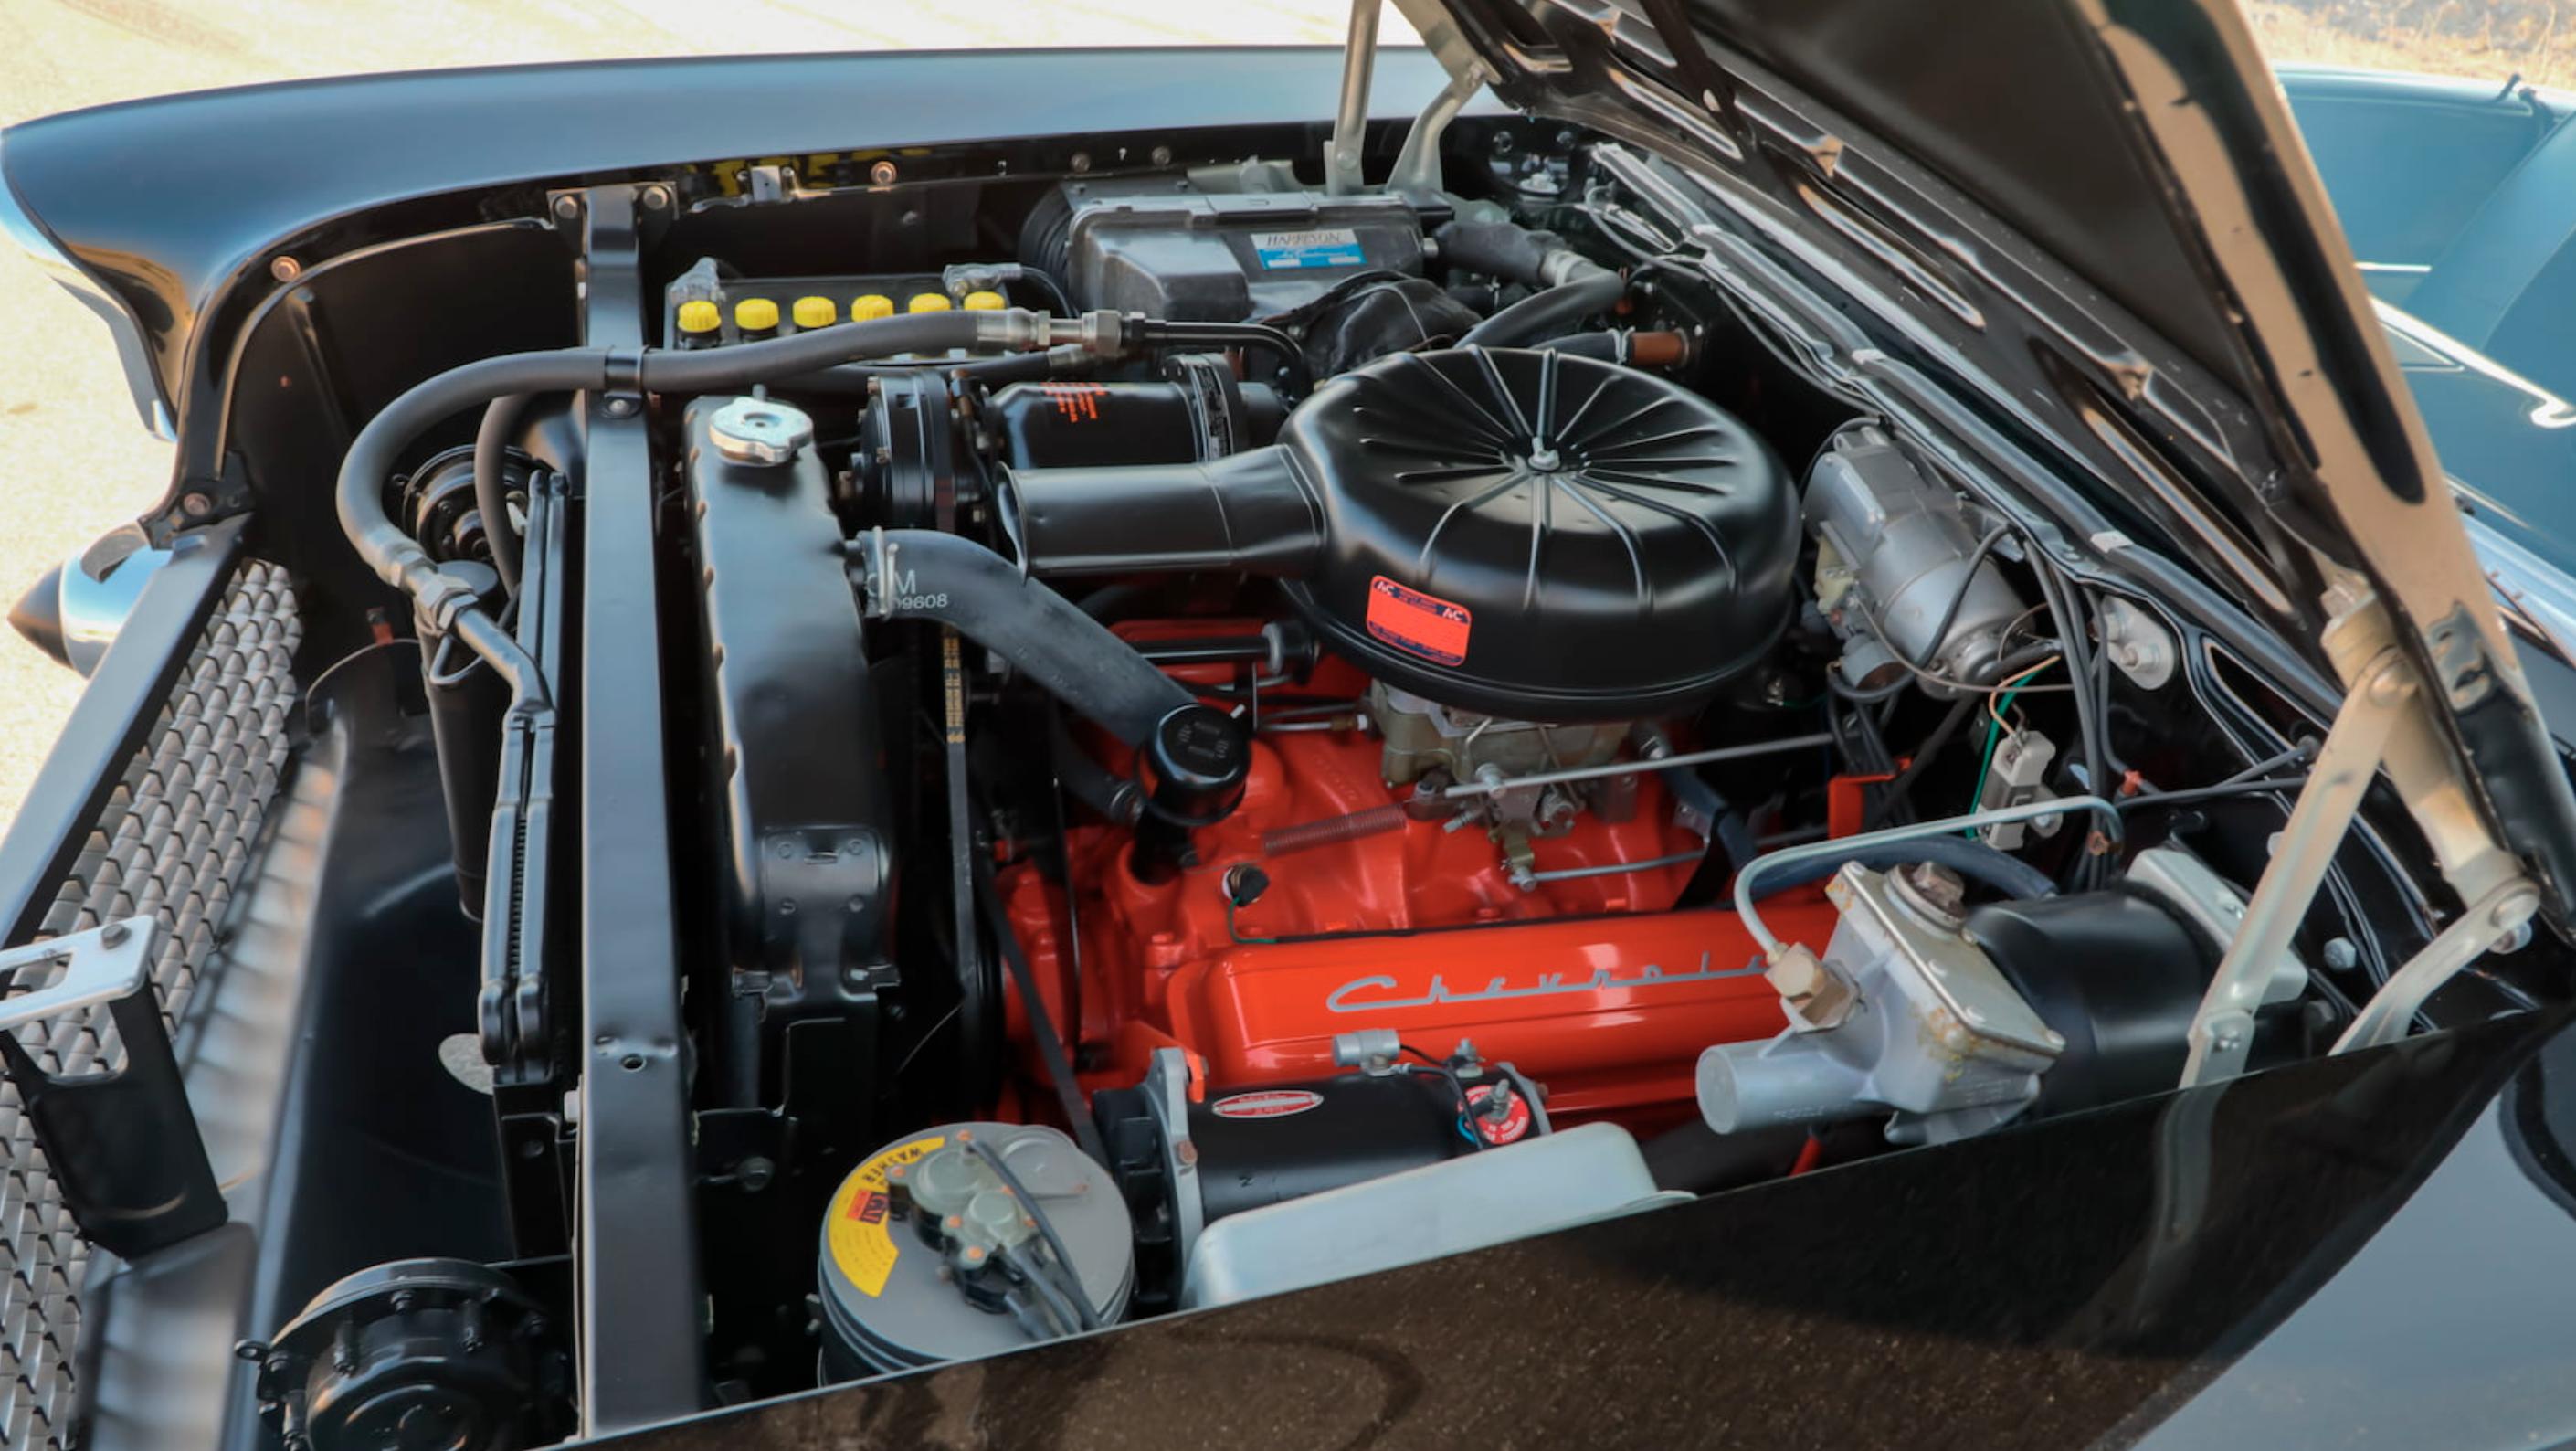 1957 El Morocco engine